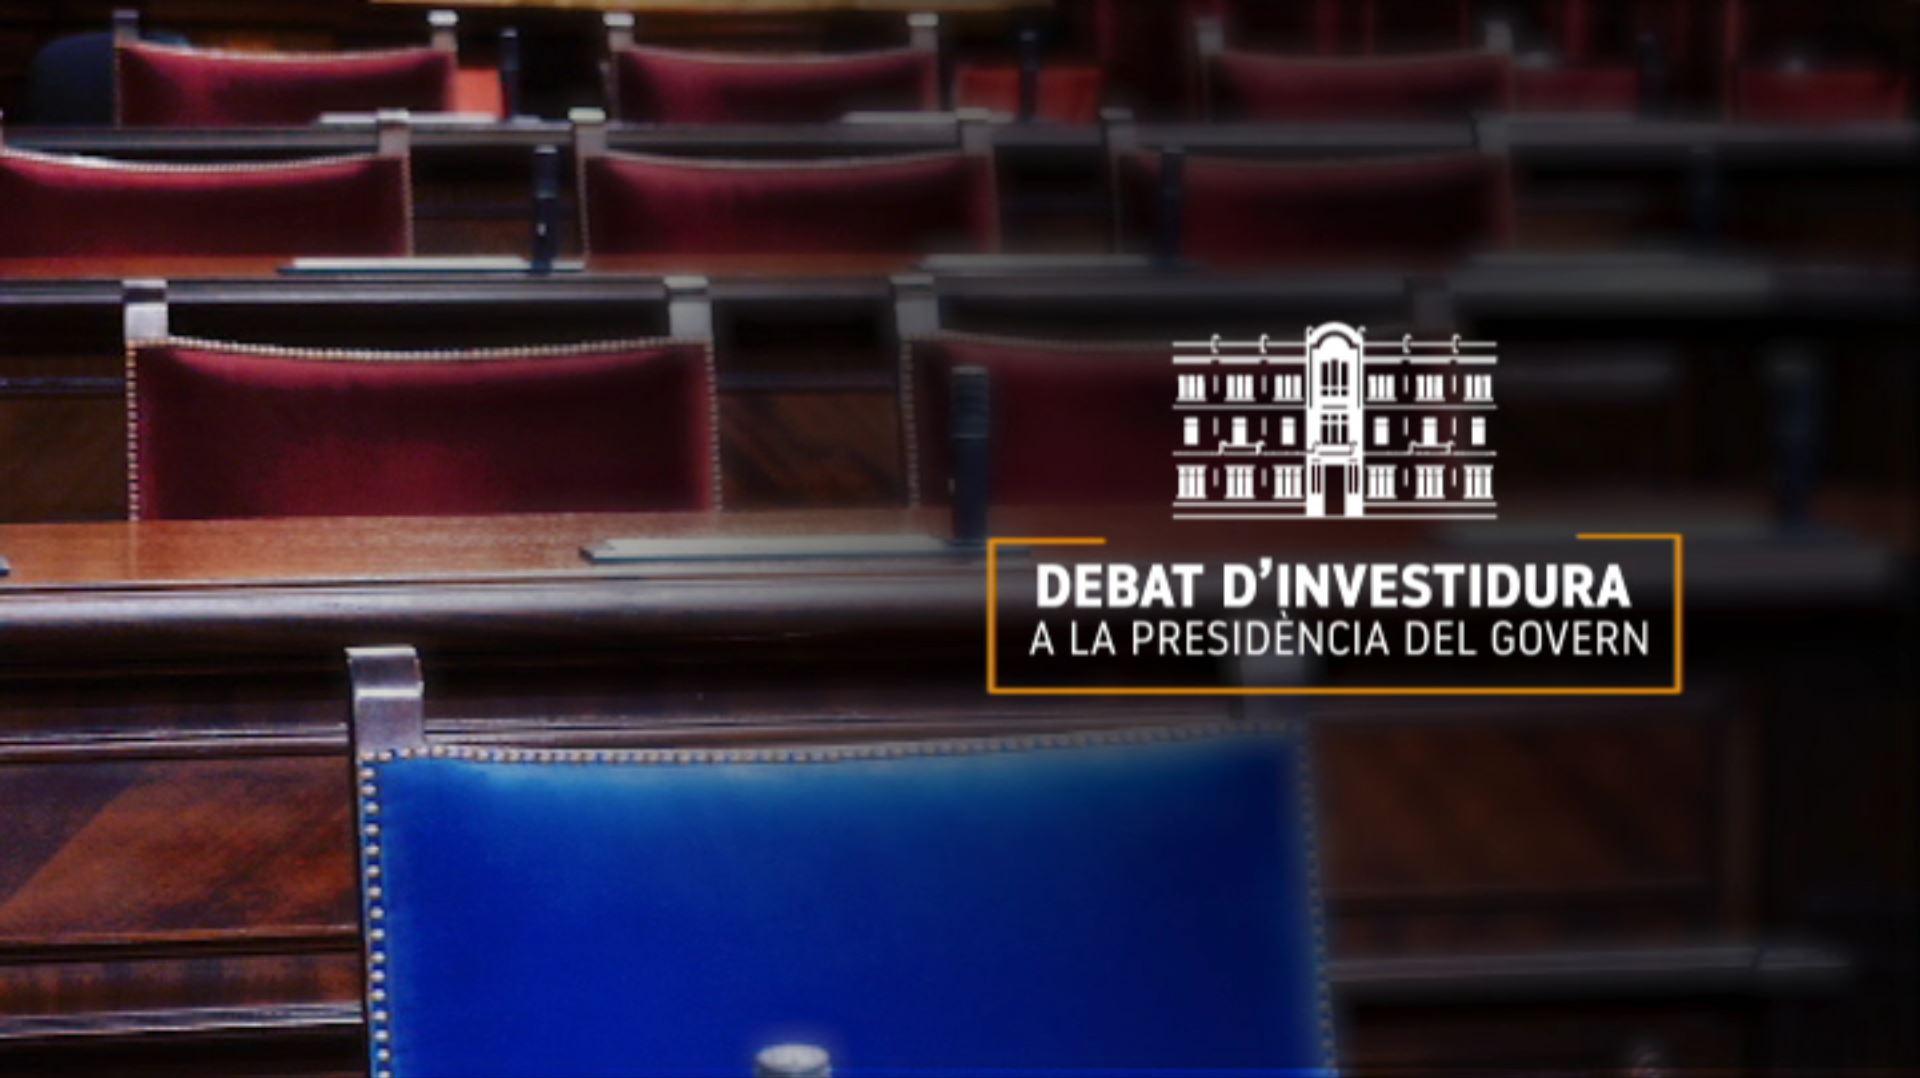 Segueix+en+directe+el+debat+d%27investidura+al+Parlament